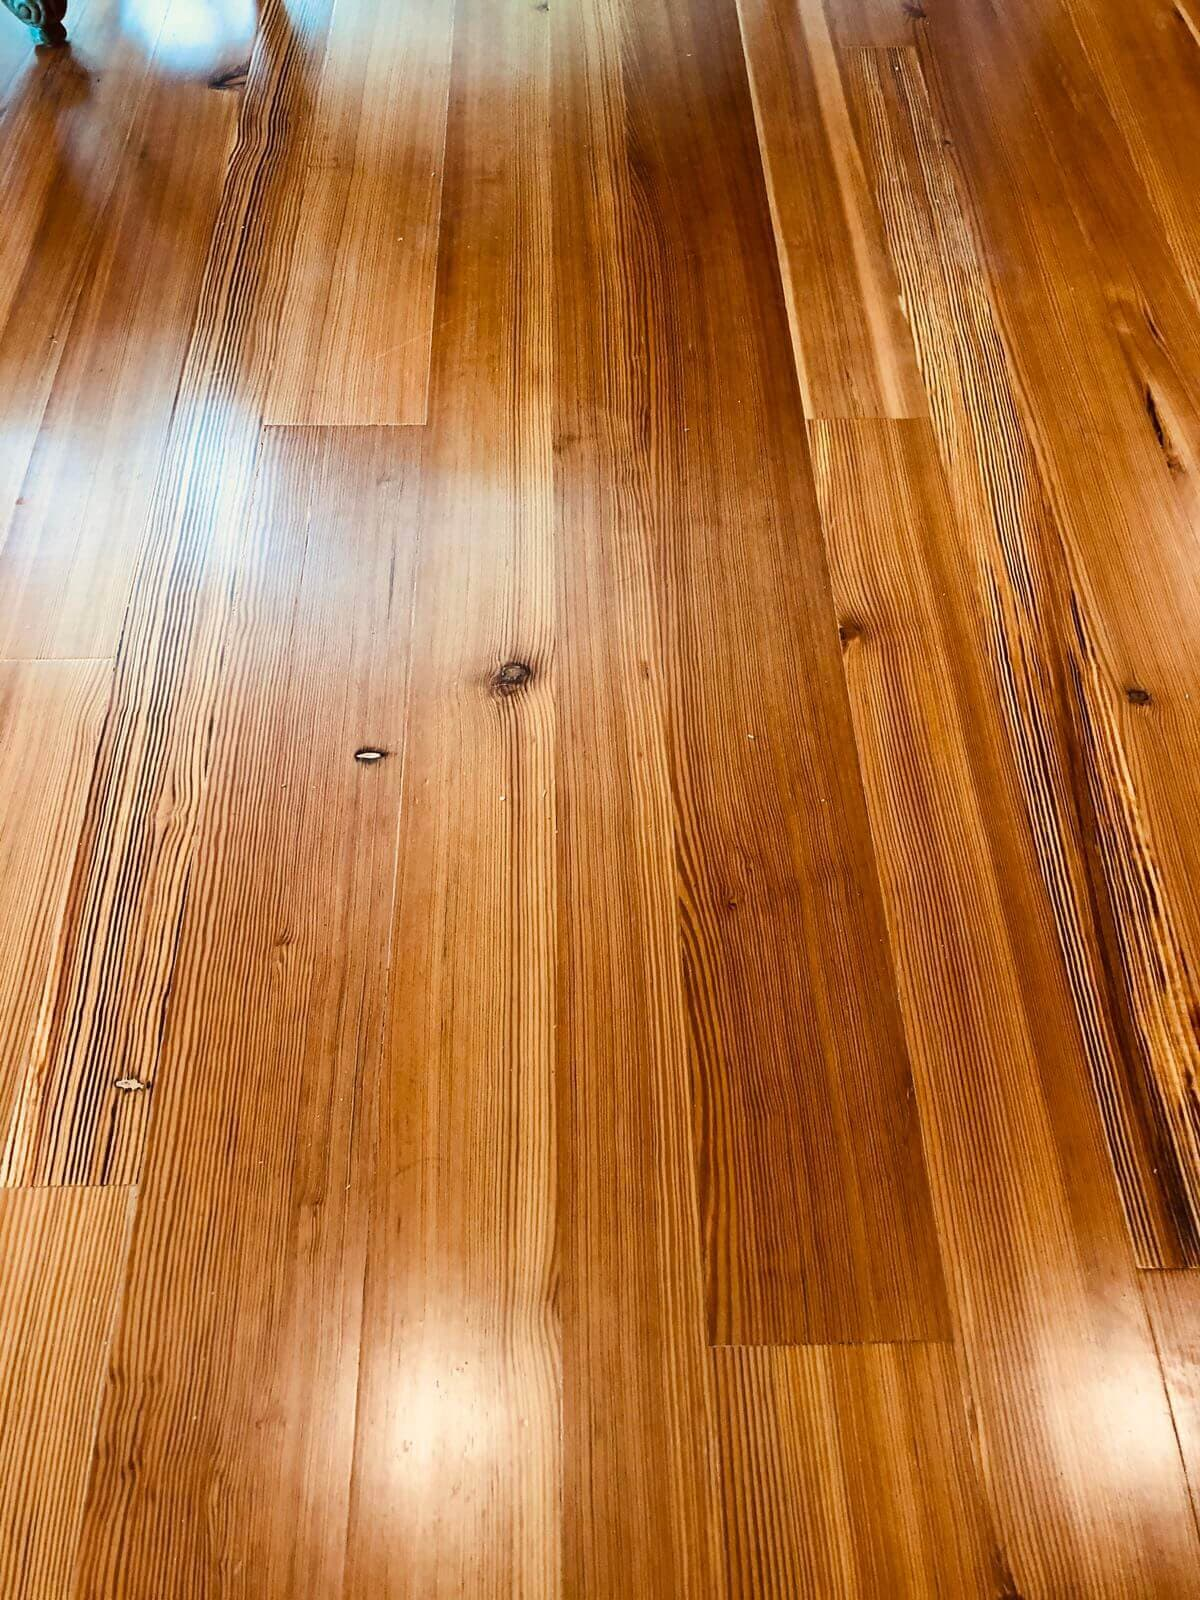 Classic hardwood flooring.